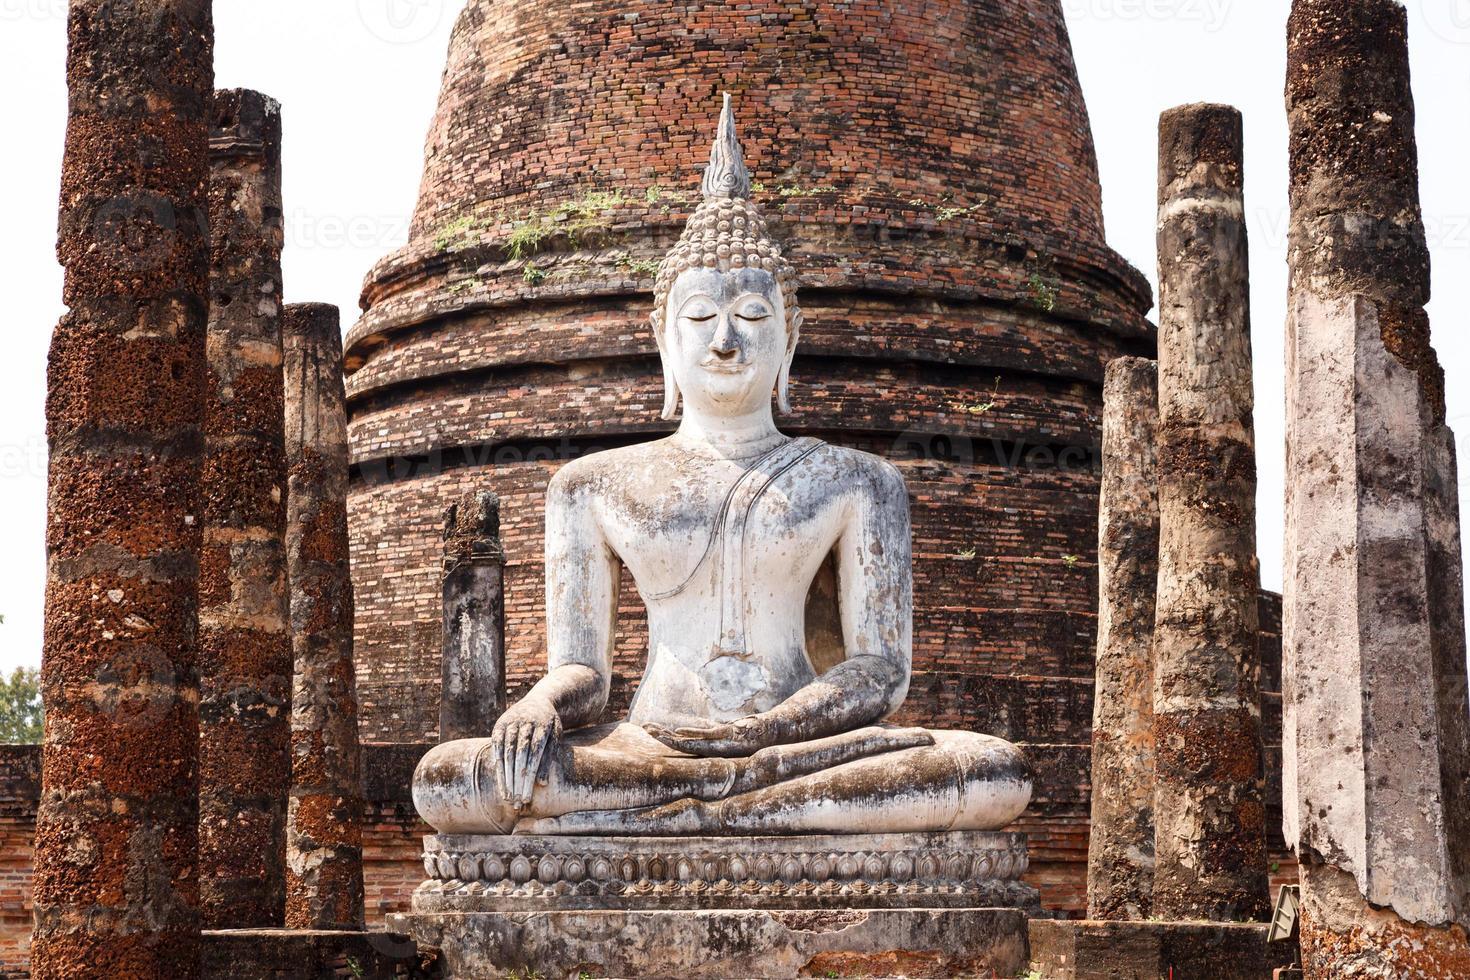 ancienne statue de Bouddha. Parc historique de Sukhothai, Thaïlande photo